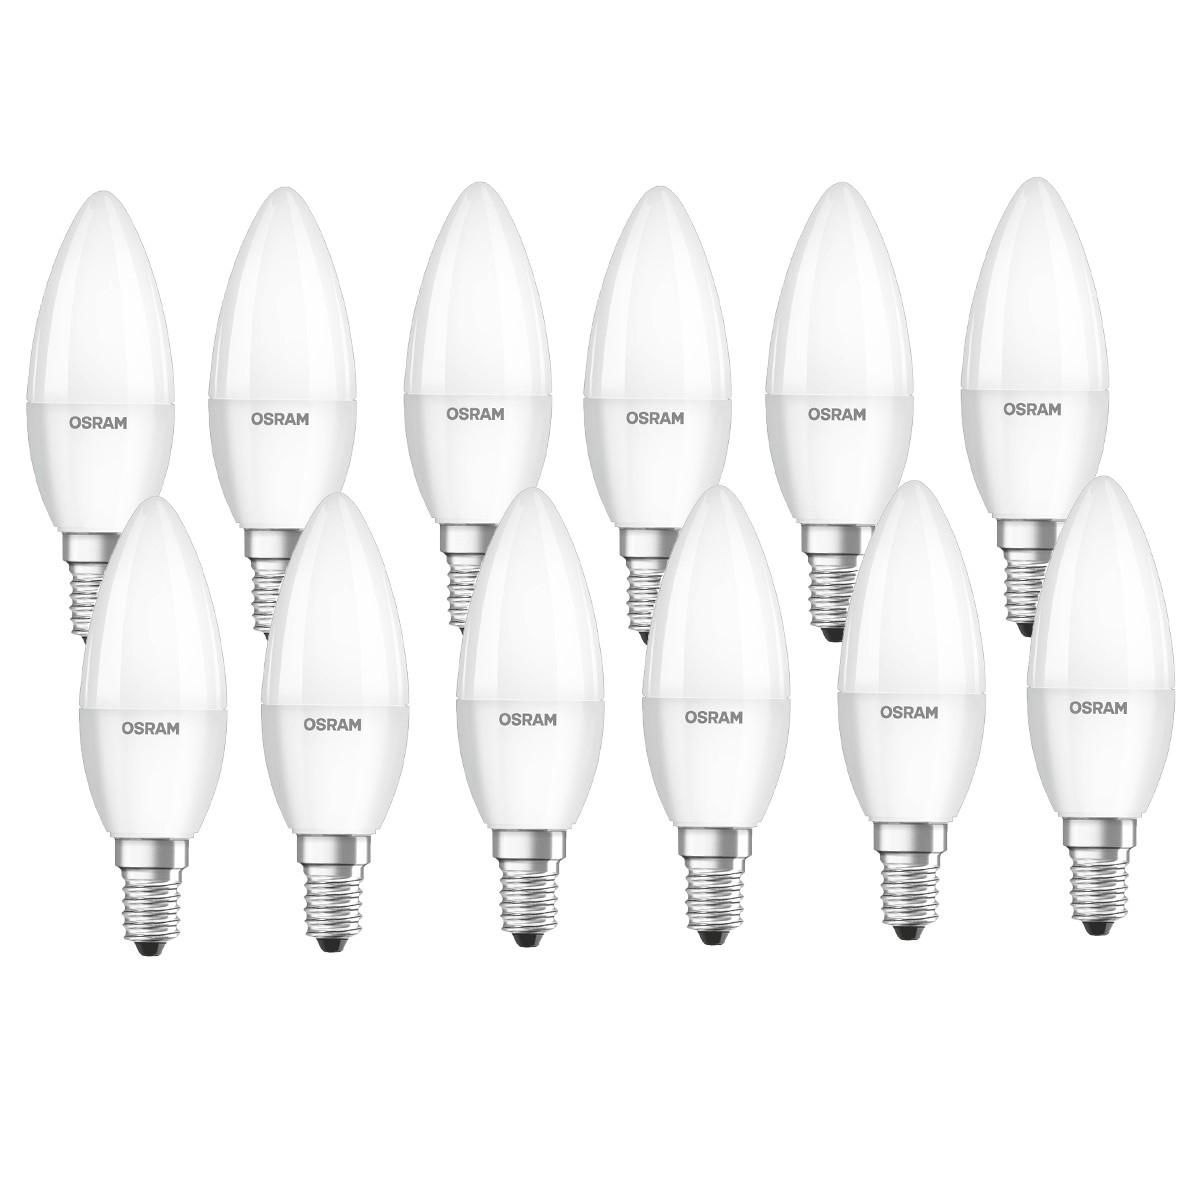 OSRAM LED BASE CLASSIC B 40 E14 matt 5,7W=40W 470lm warm white 2700K nondim 12er